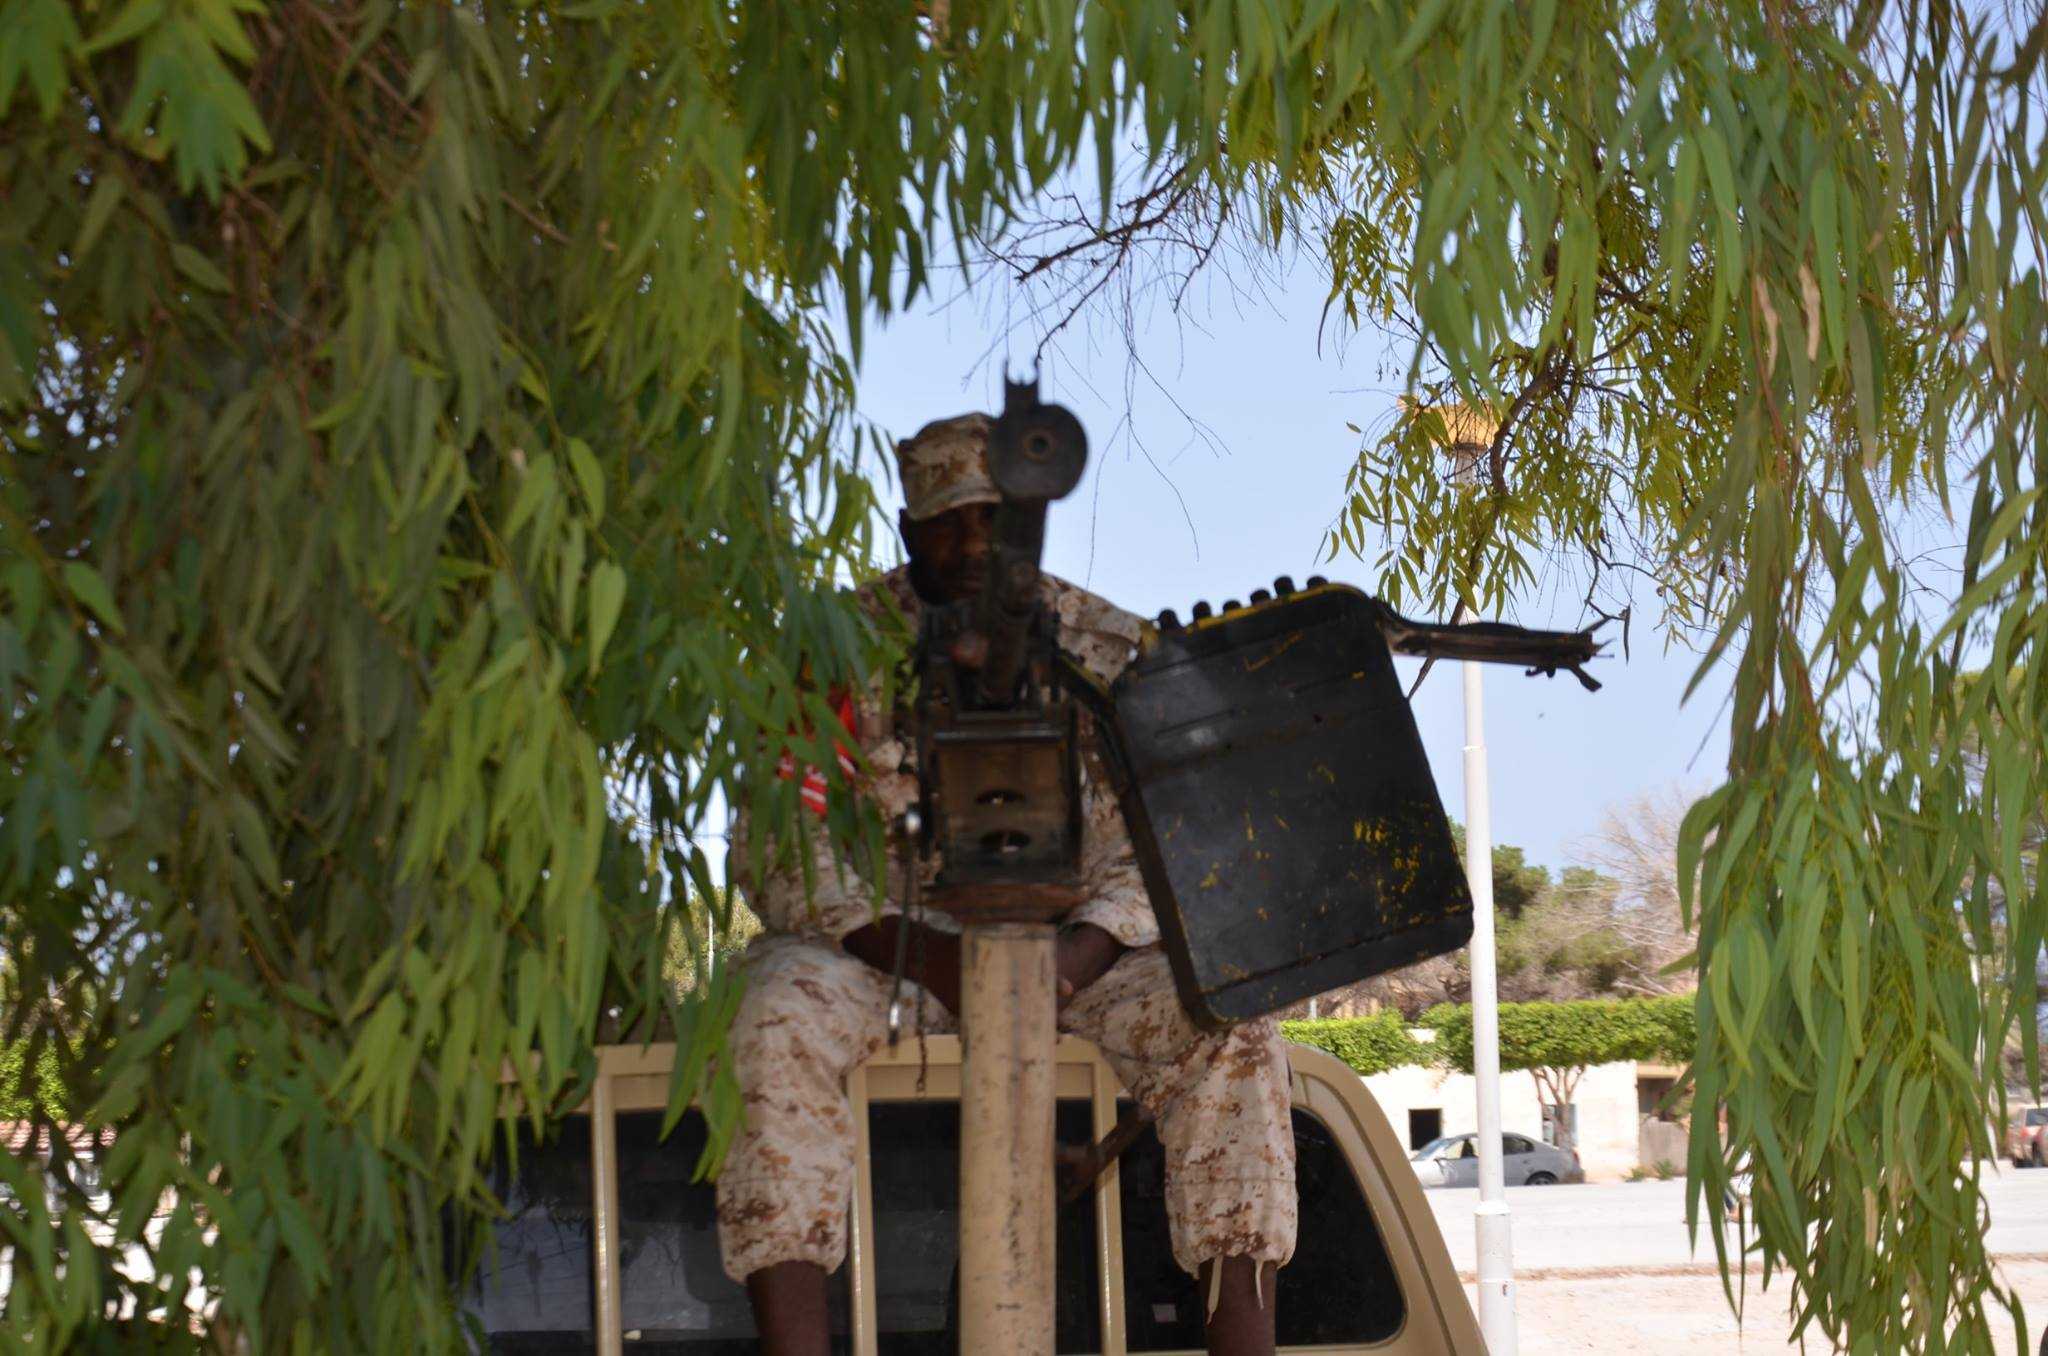 غرفة عمليات محاربة تنظيم داعش في صبراتة